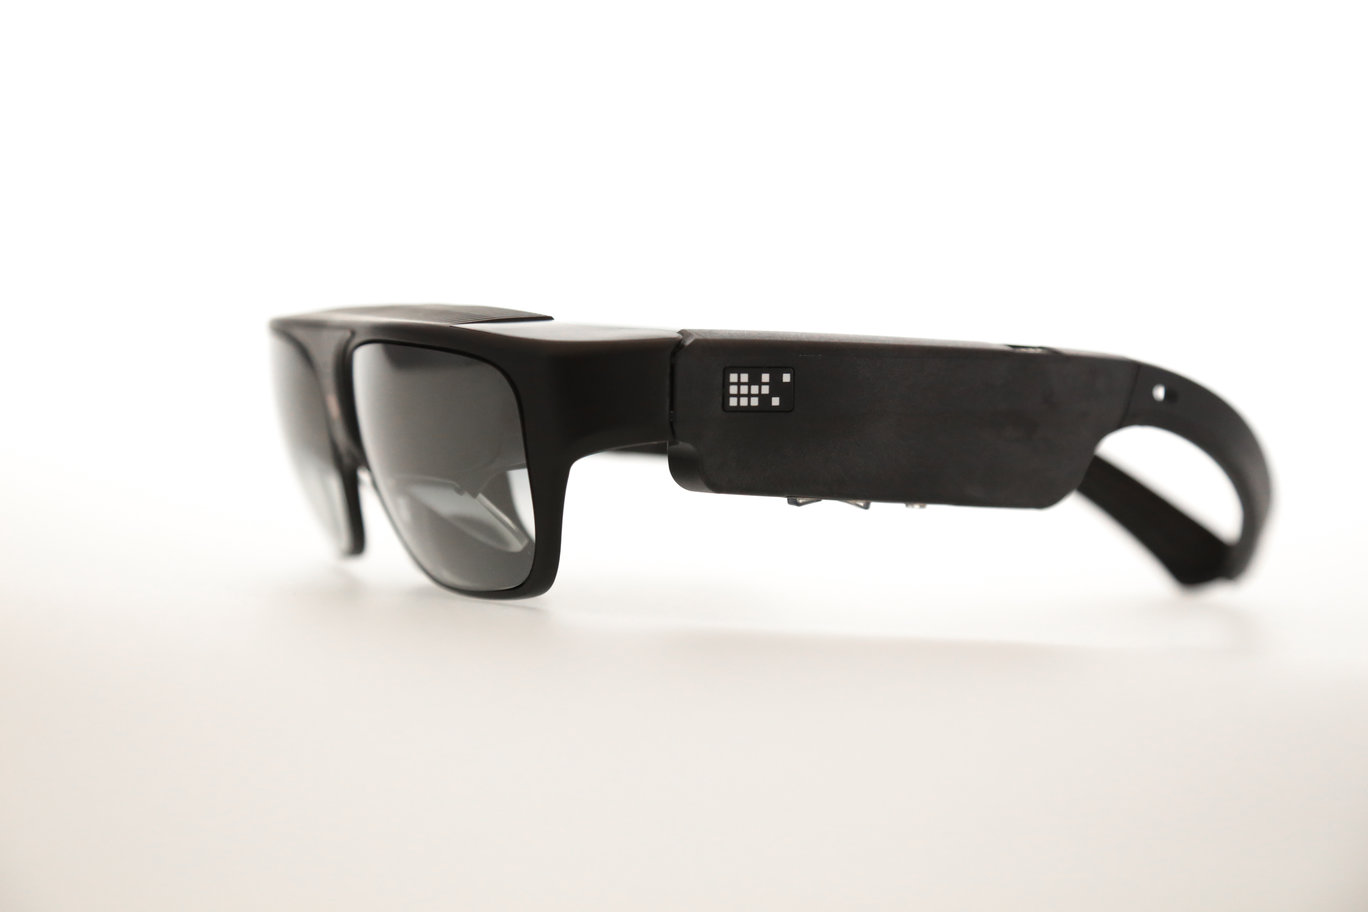 rsz_glasses